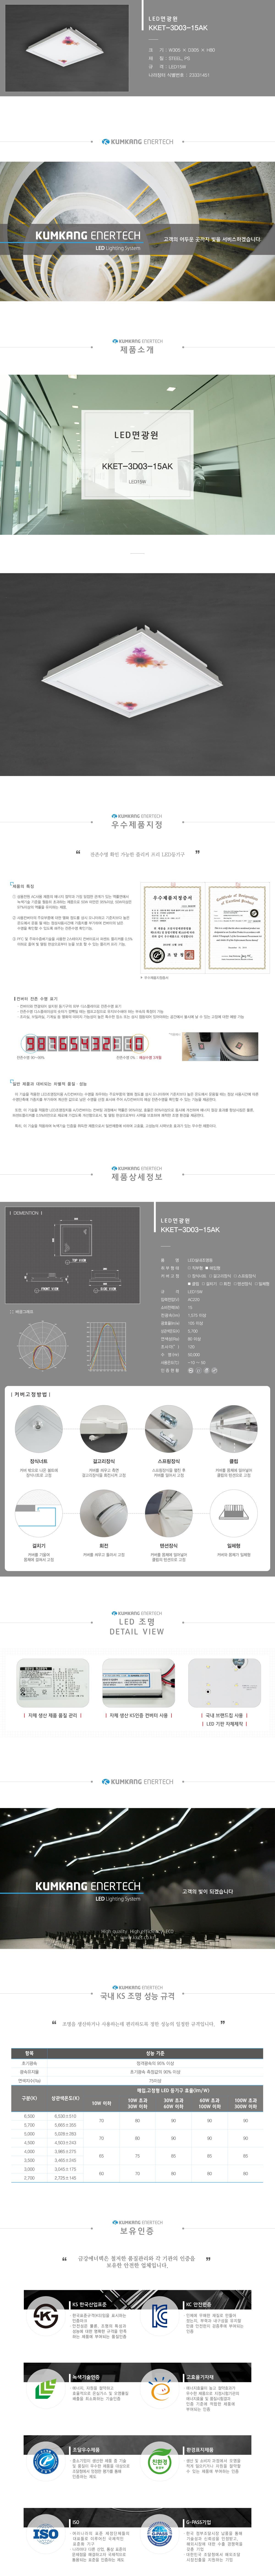 KKET-3D03-15AK-01.jpg